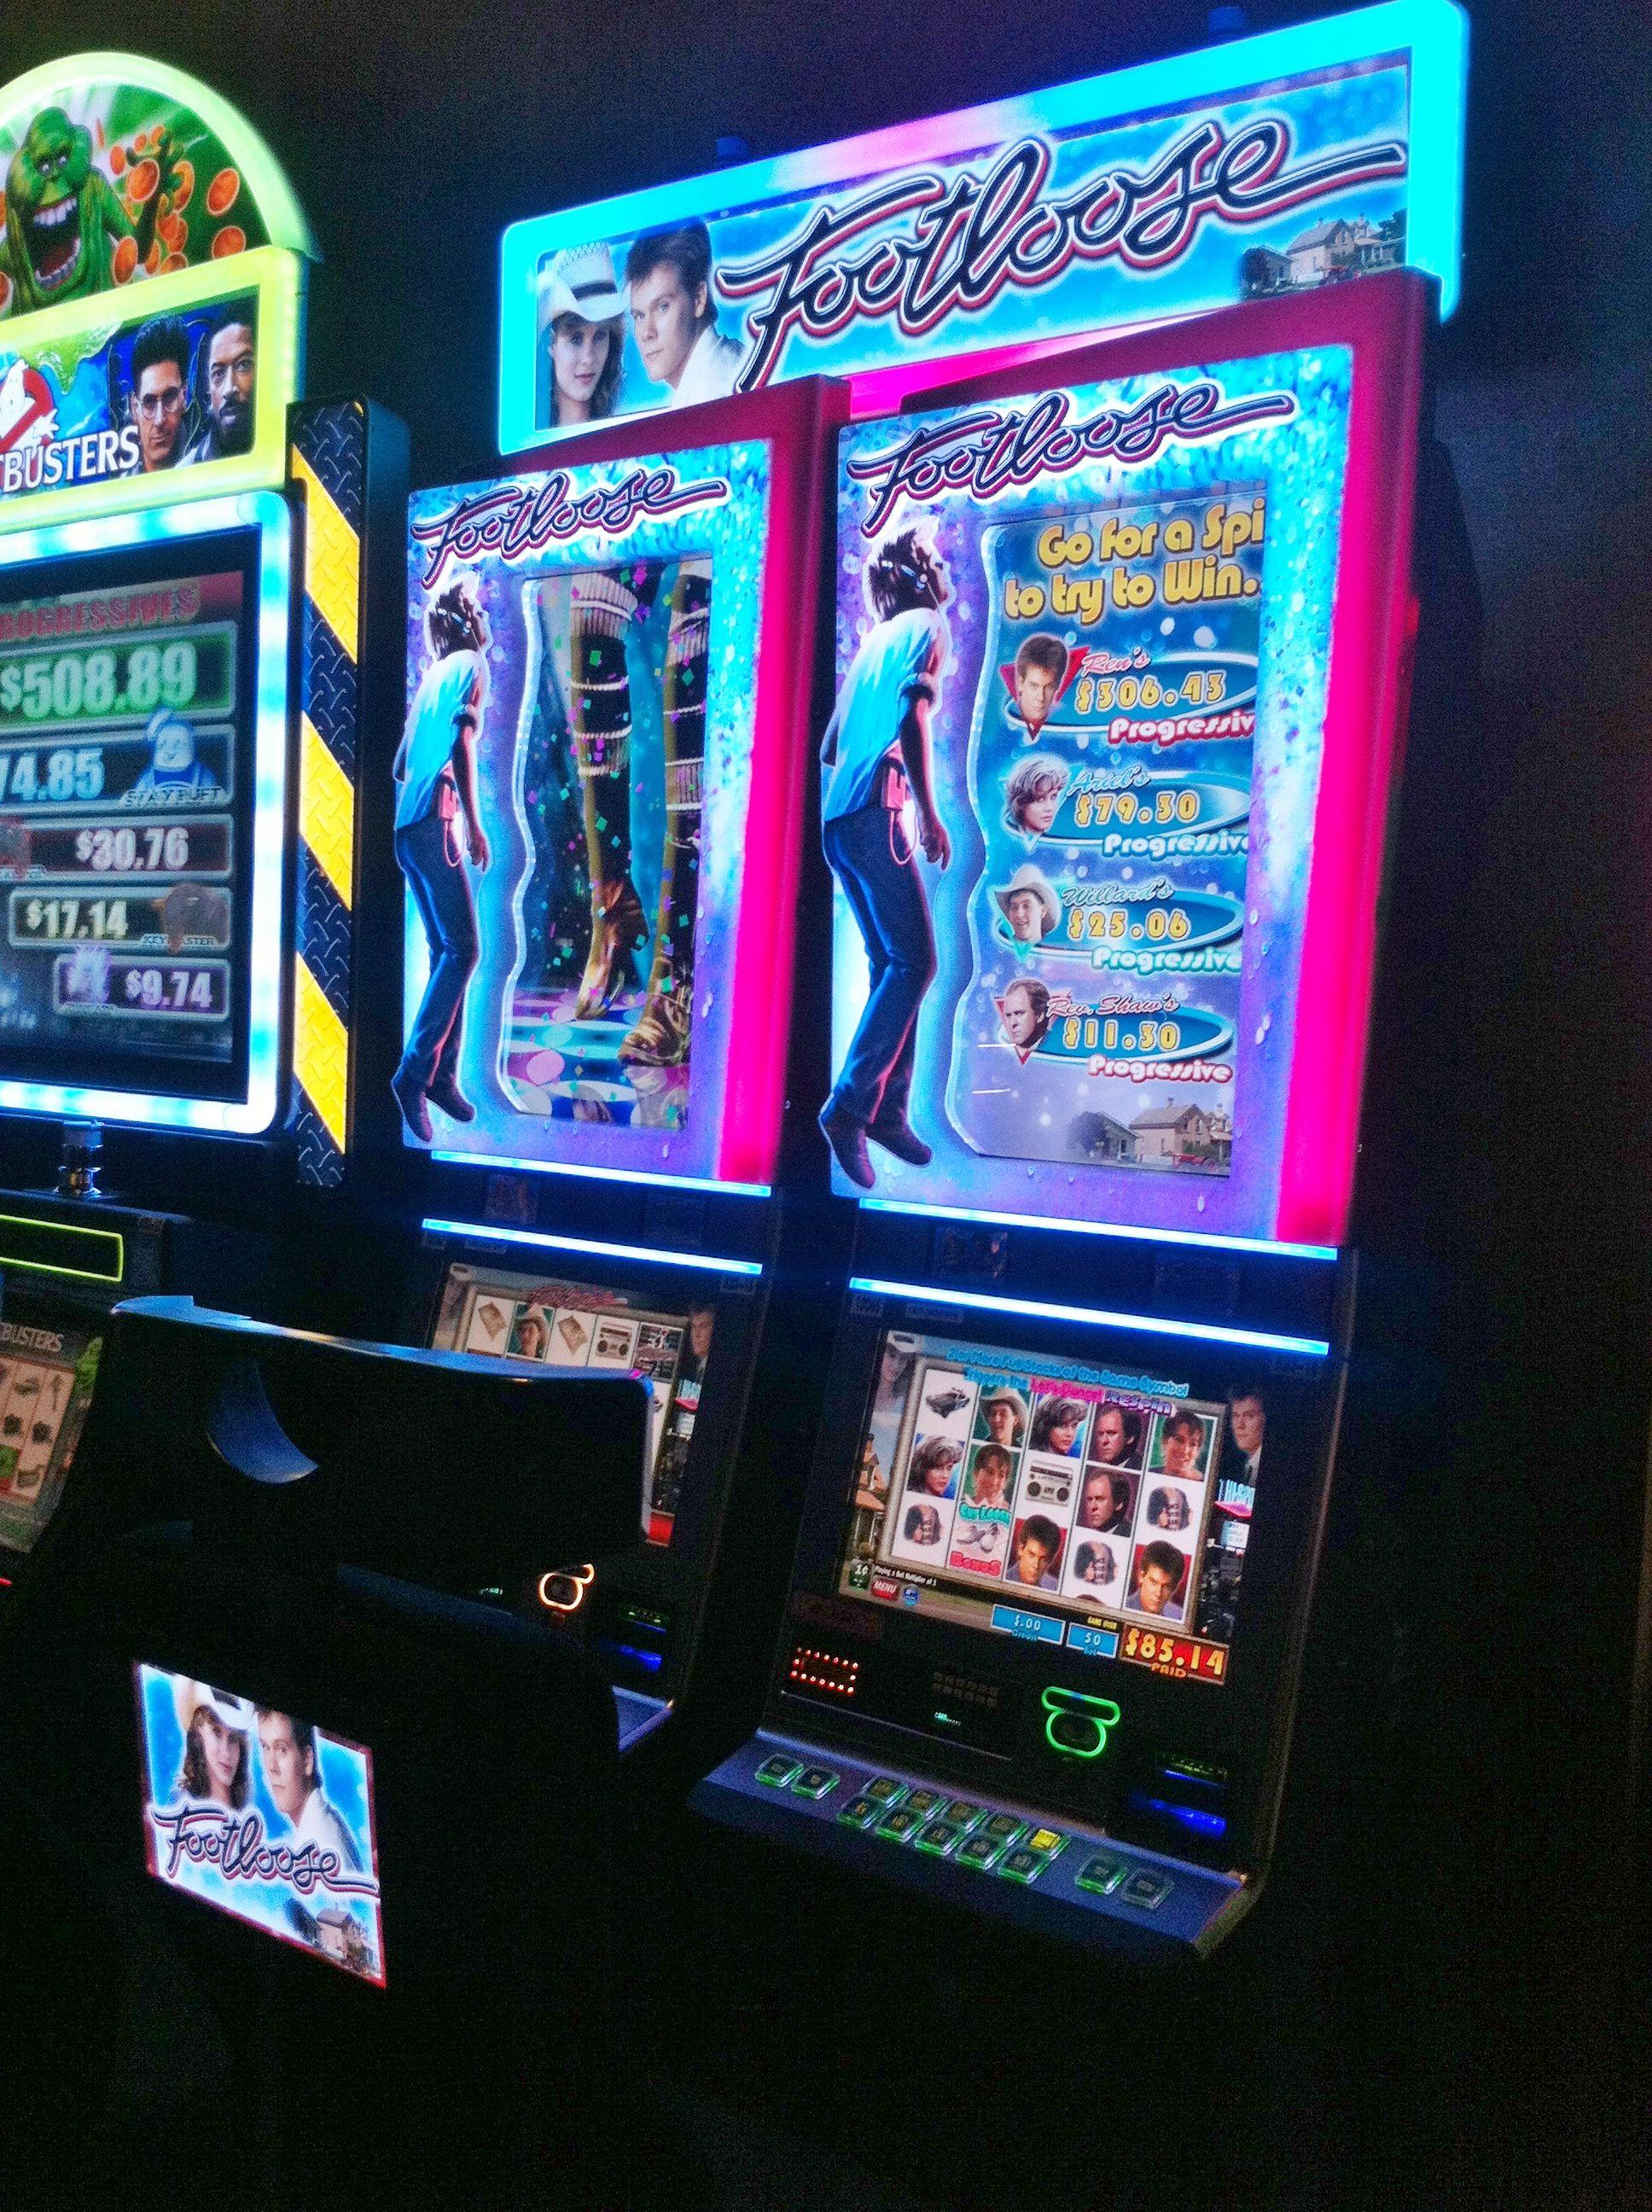 game slot freebet gratis 2019